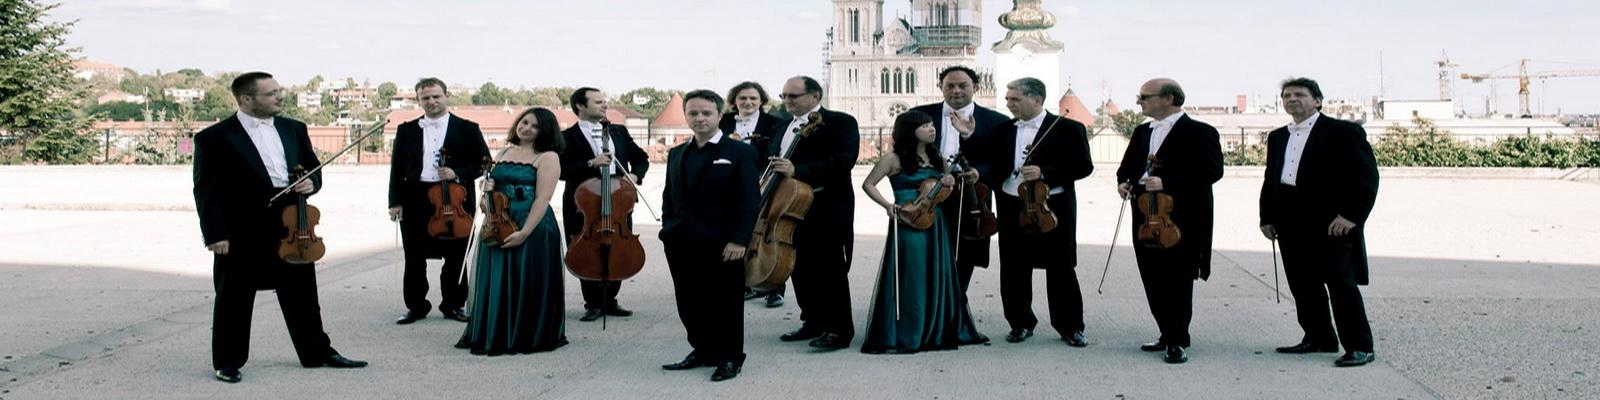 Zagrebacki solisti